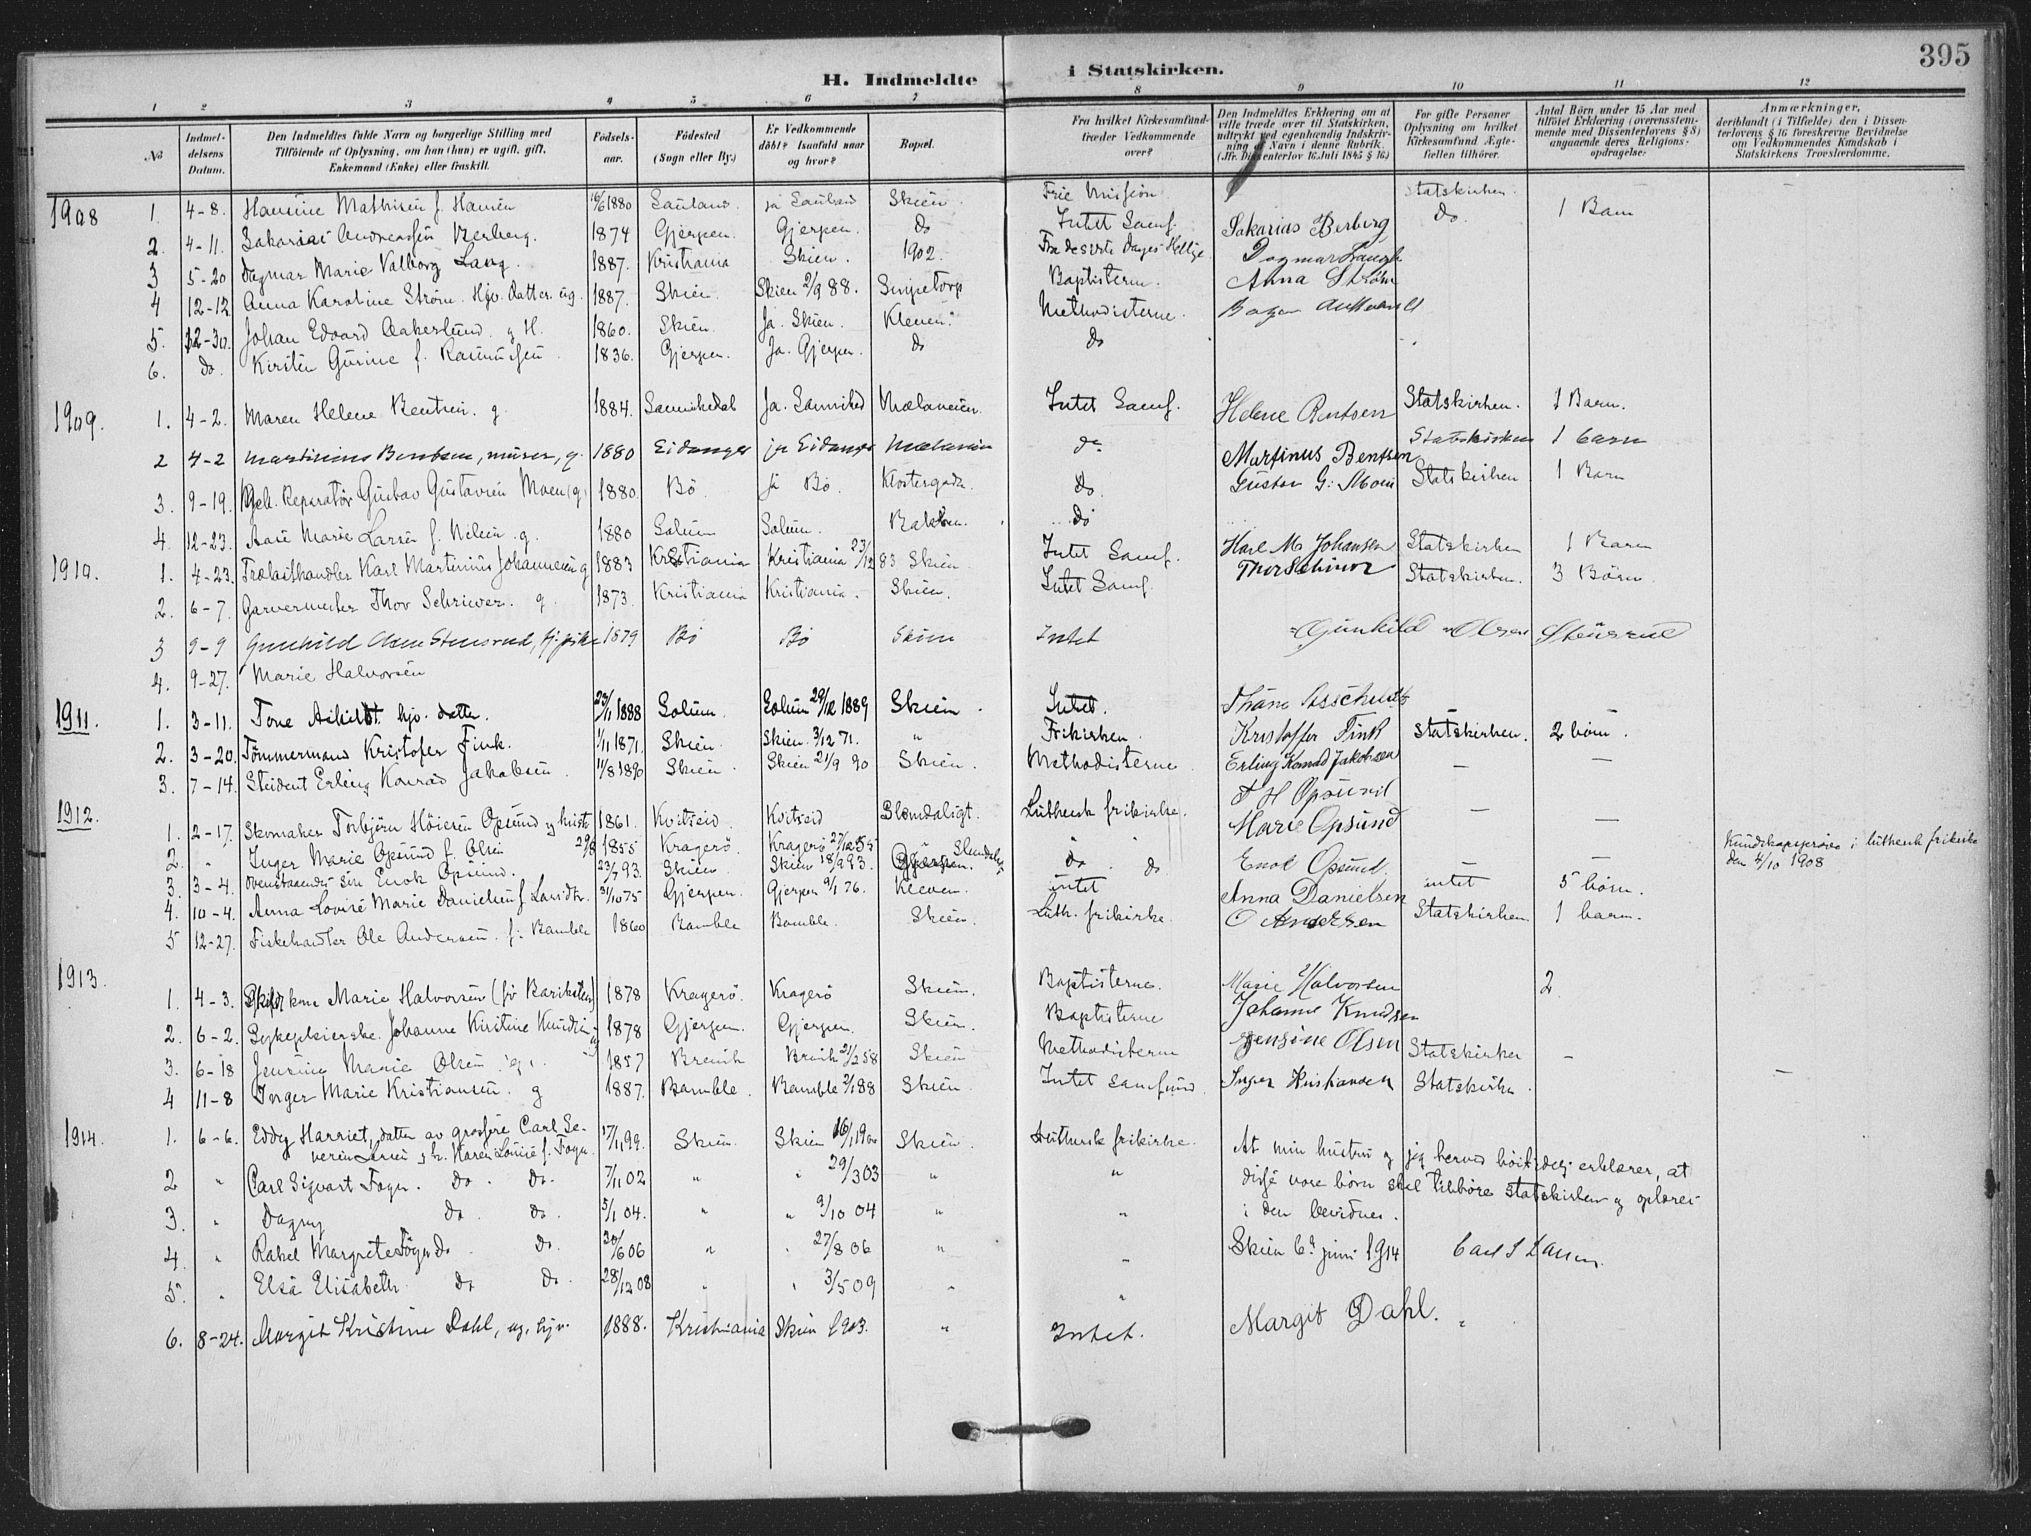 SAKO, Skien kirkebøker, F/Fa/L0012: Ministerialbok nr. 12, 1908-1914, s. 395